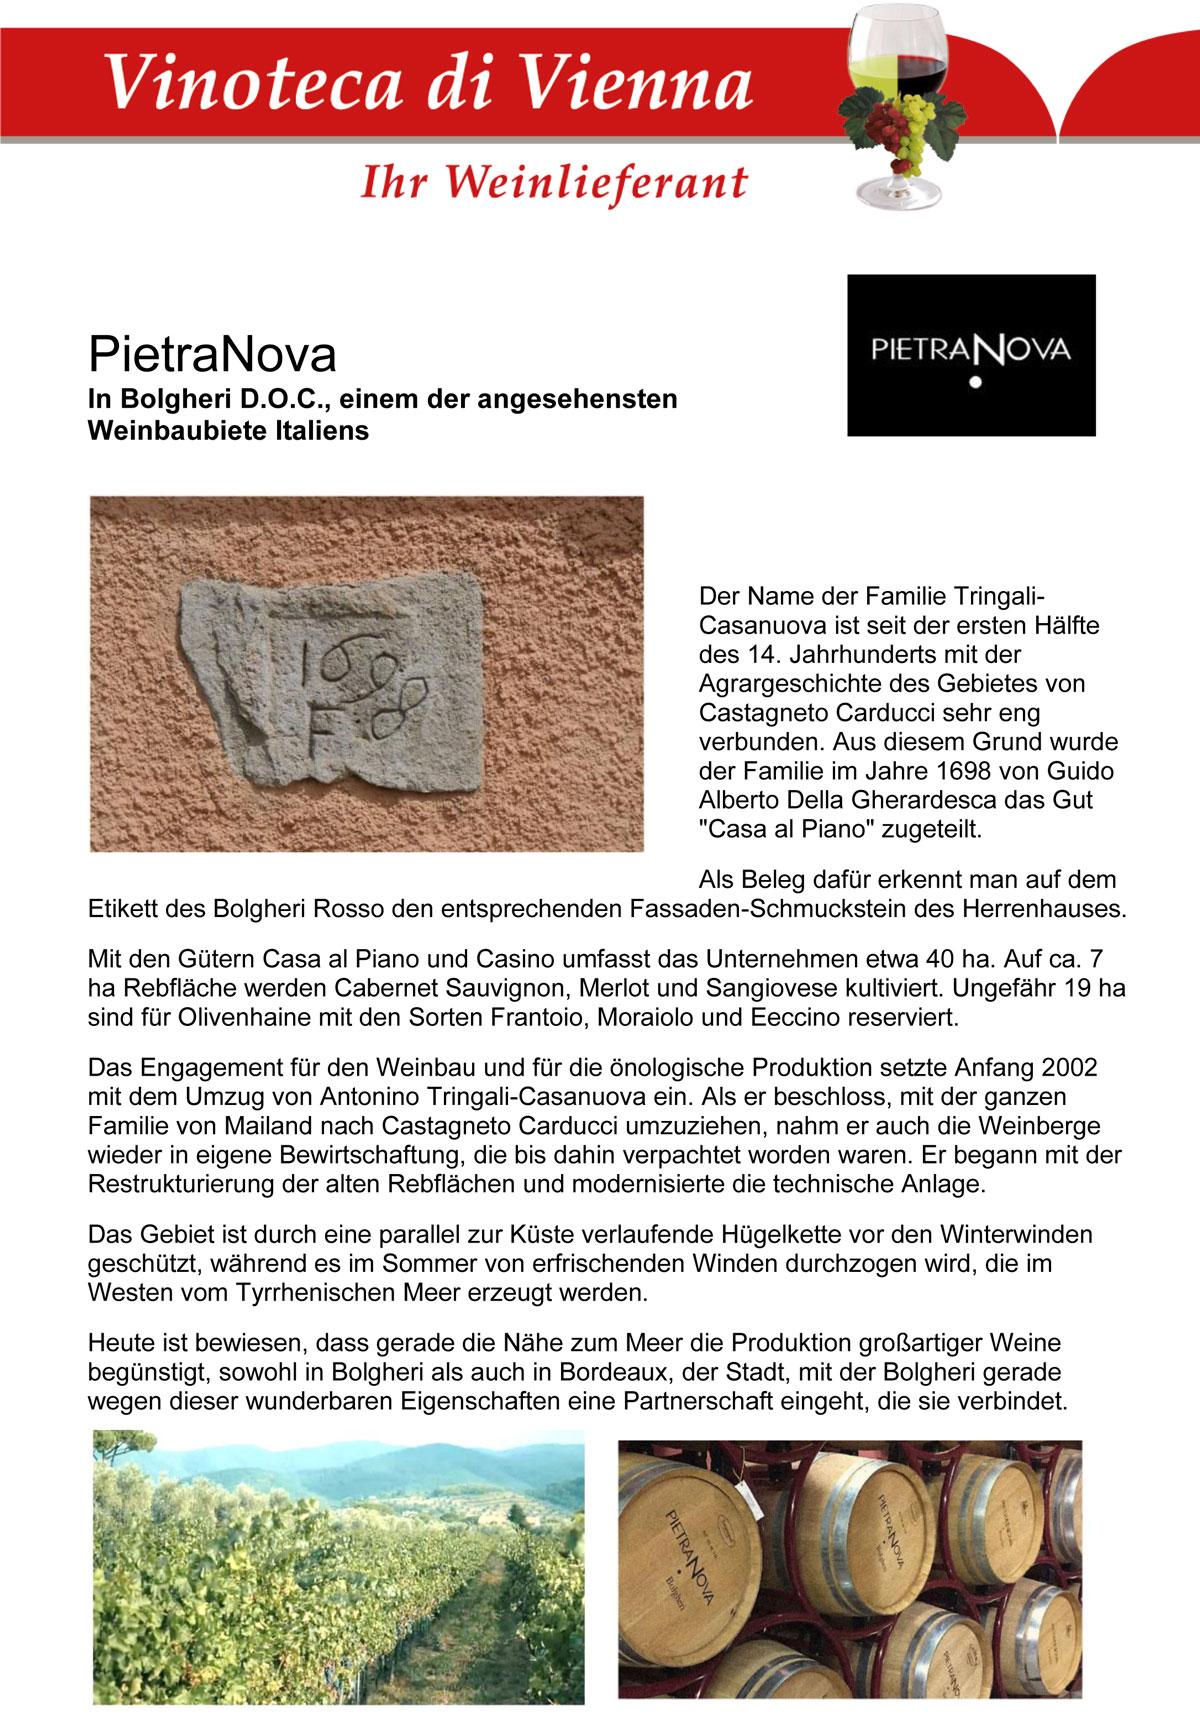 PietraNova, In Bolgheri D.O.C., einem der angesehensten Weinbaubiete Italiens